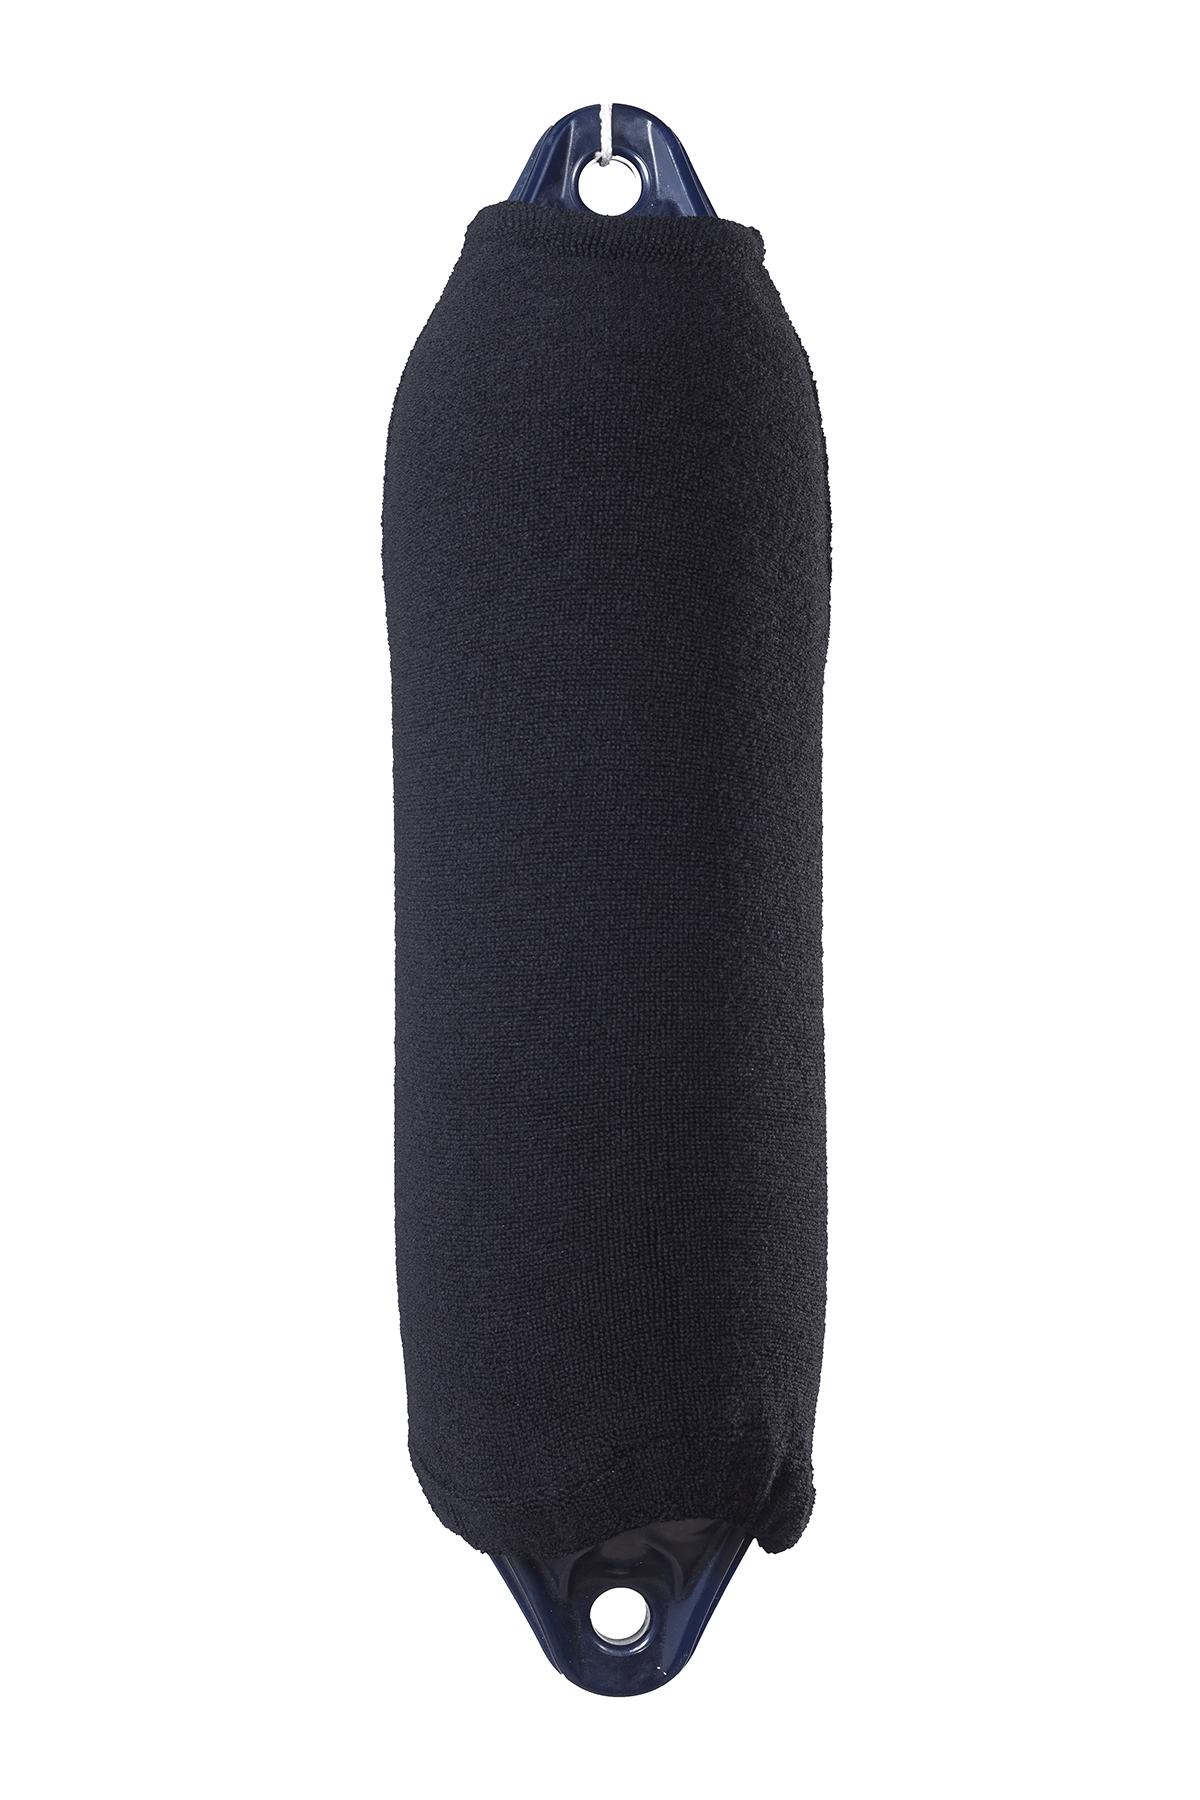 22.96 - Καλύμματα Μακρόστενων Μπαλονιών 66cm Χρώματος Μαύρου - Σετ Των 2 Τεμαχίων